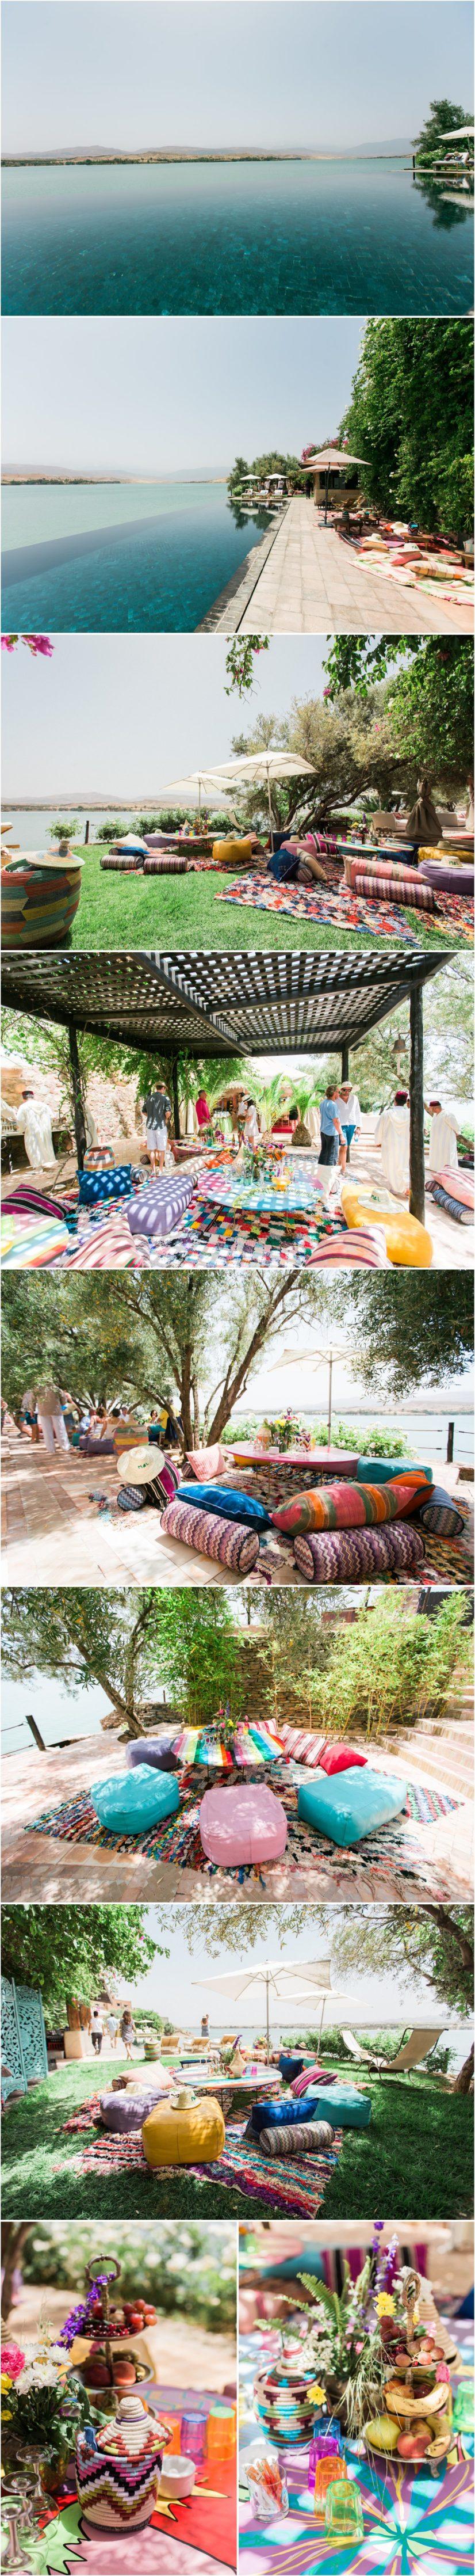 brunch photo mariage marrakech